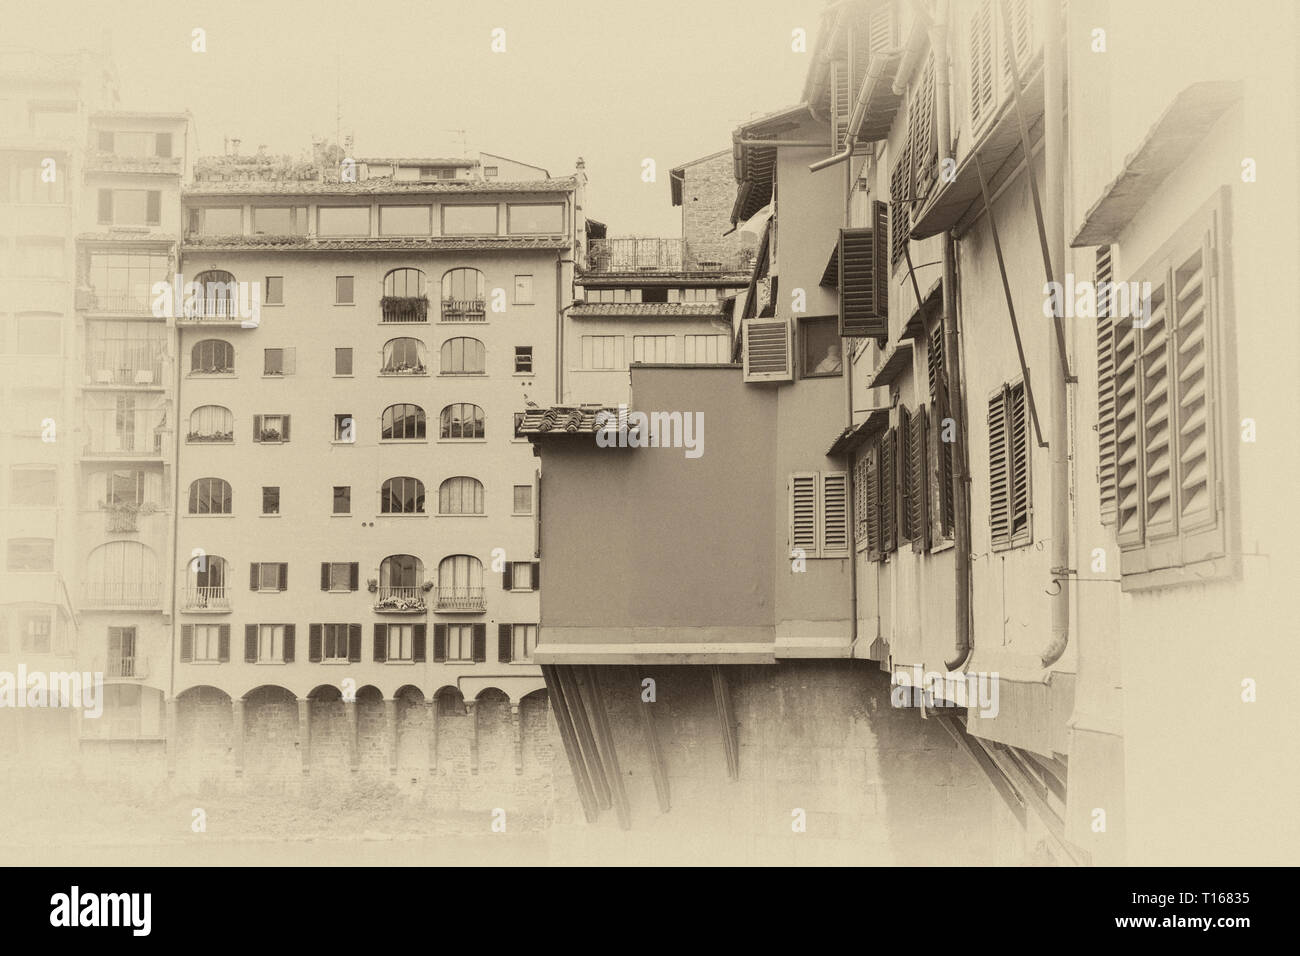 The Ponte Vecchio, a medieval stone closed-spandrel